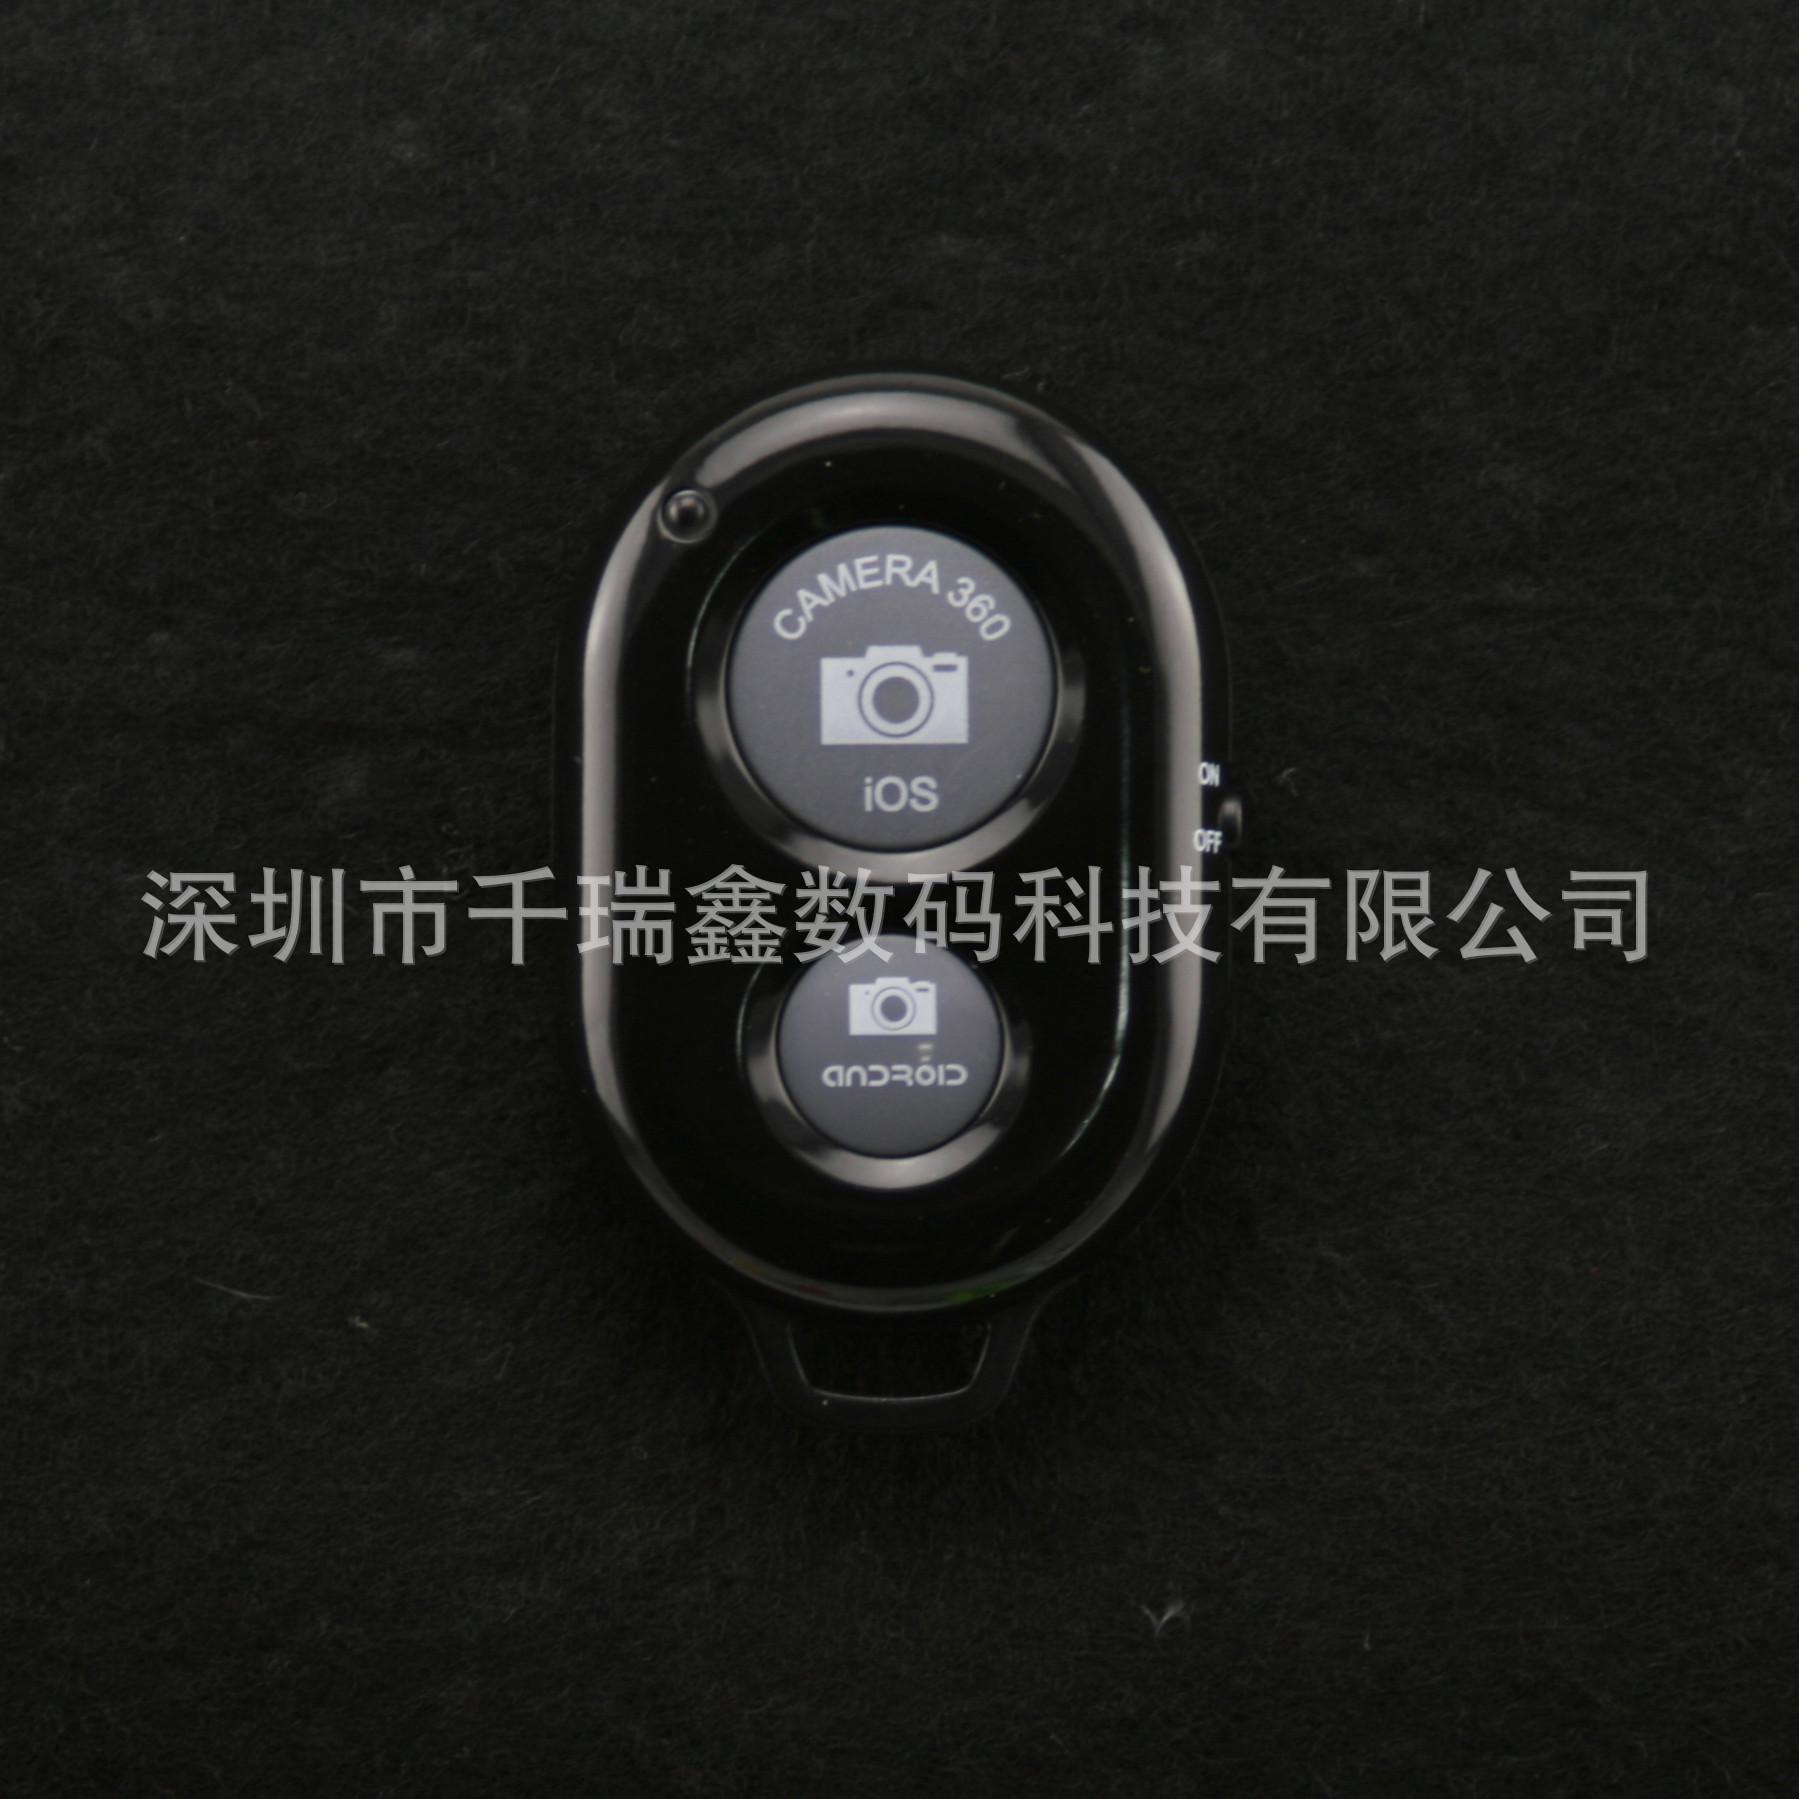 【厂价直销手机5S小米苹果器无线手机自拍支架手机怎么下载自动设置v手机包图片